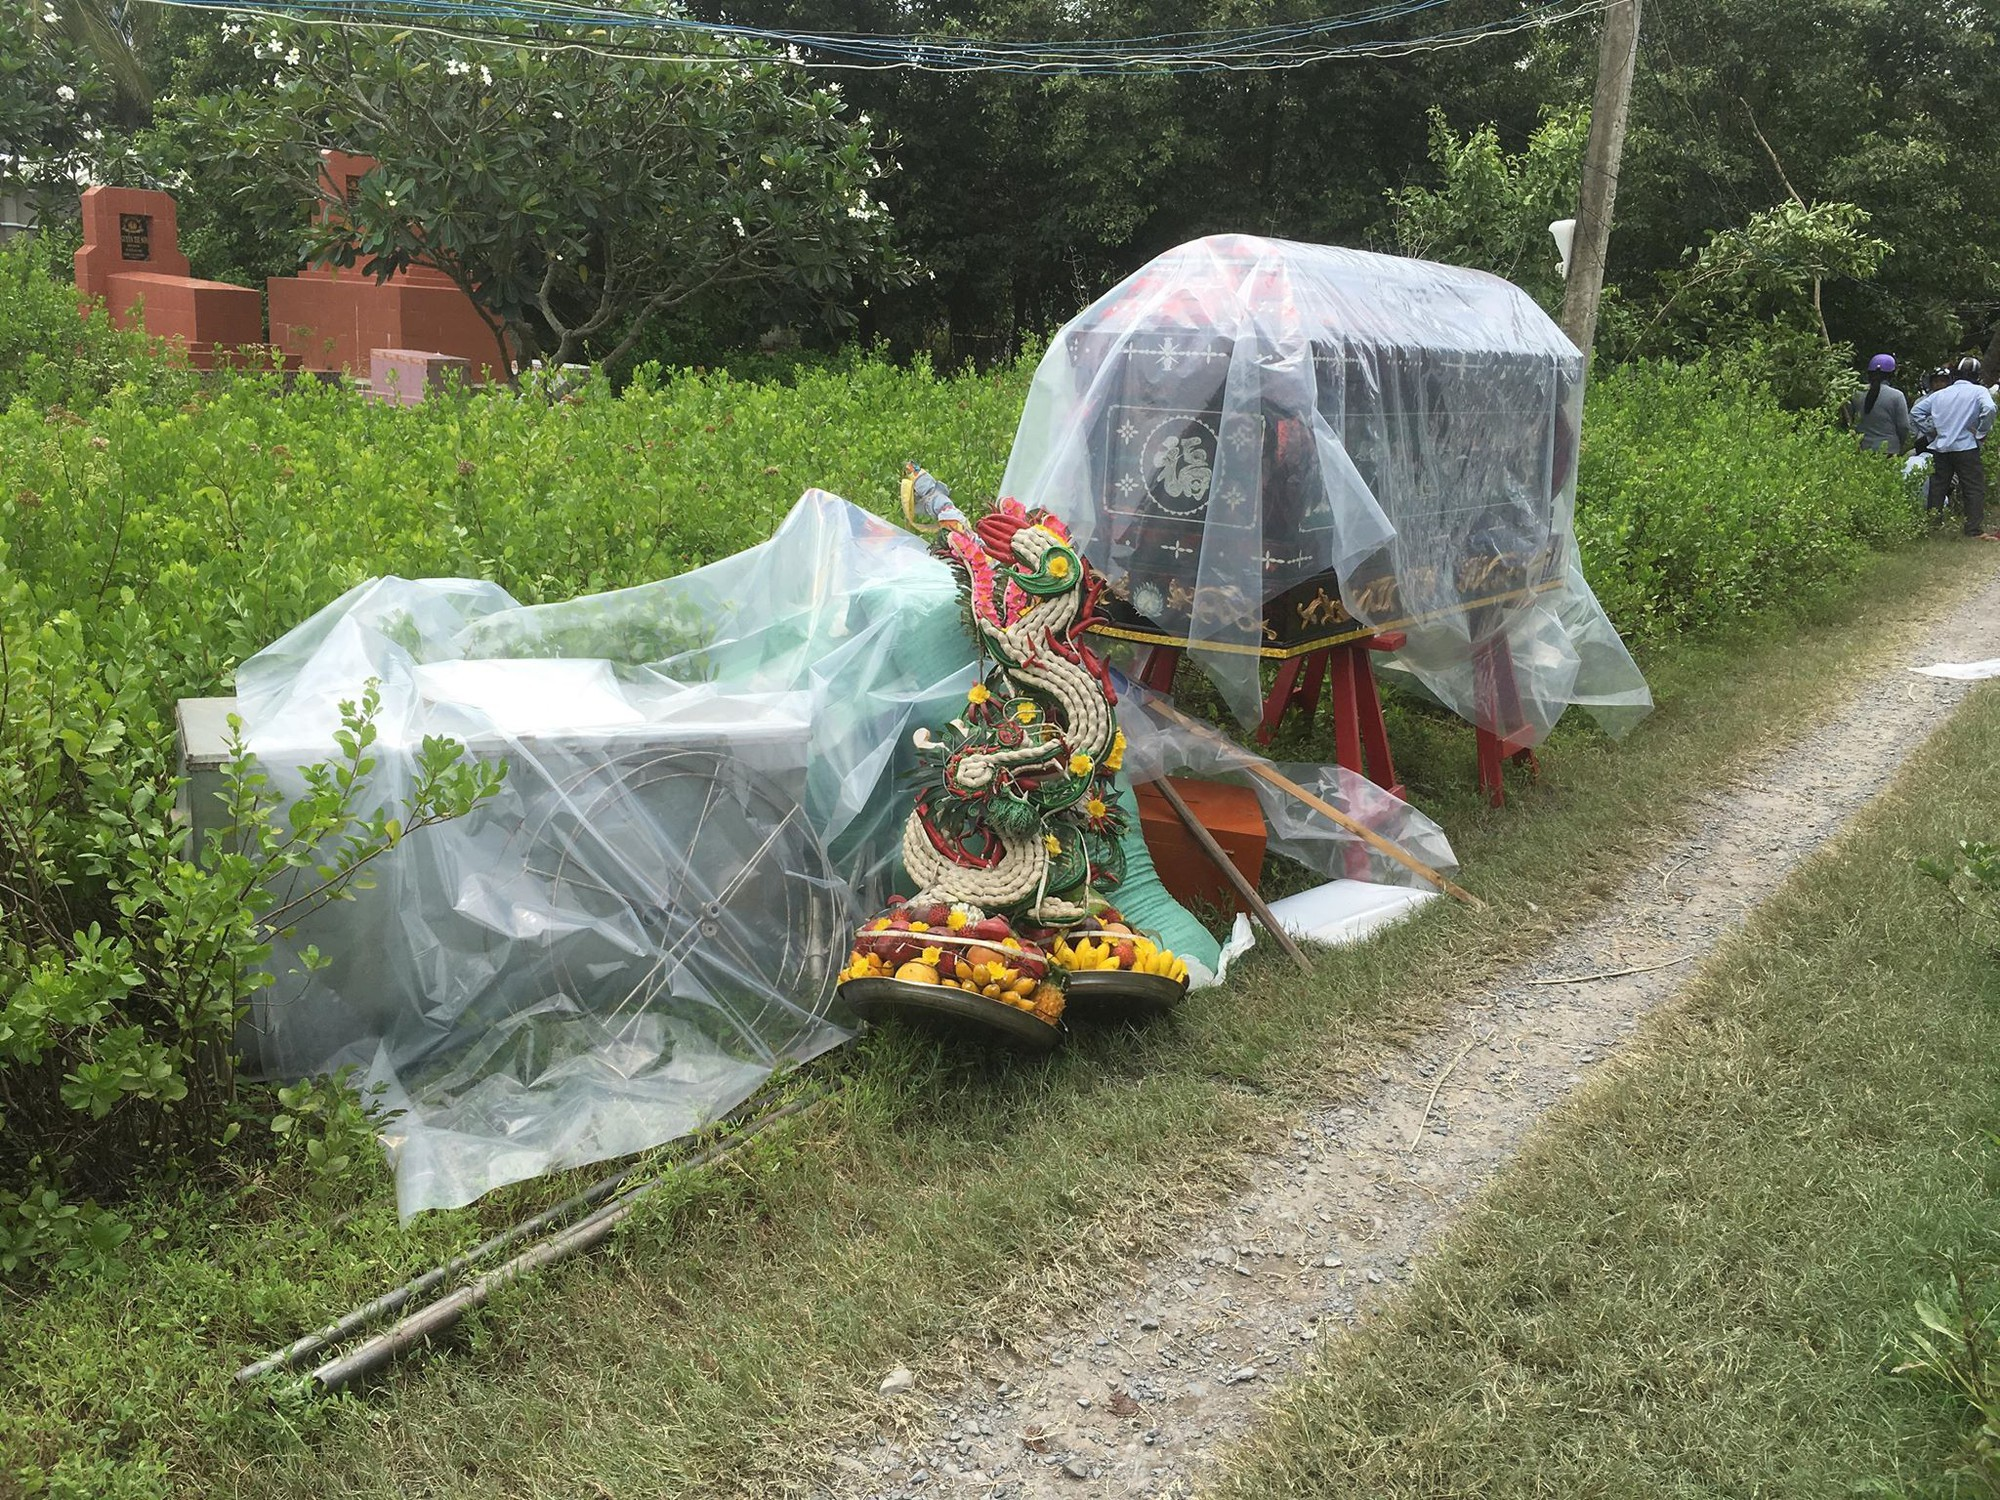 Vụ thảm án 3 người trong gia đình bị sát hại ở Tiền Giang: Các nạn nhân nghi bị siết cổ đến chết vì mâu thuẫn trong gia đình - Ảnh 3.